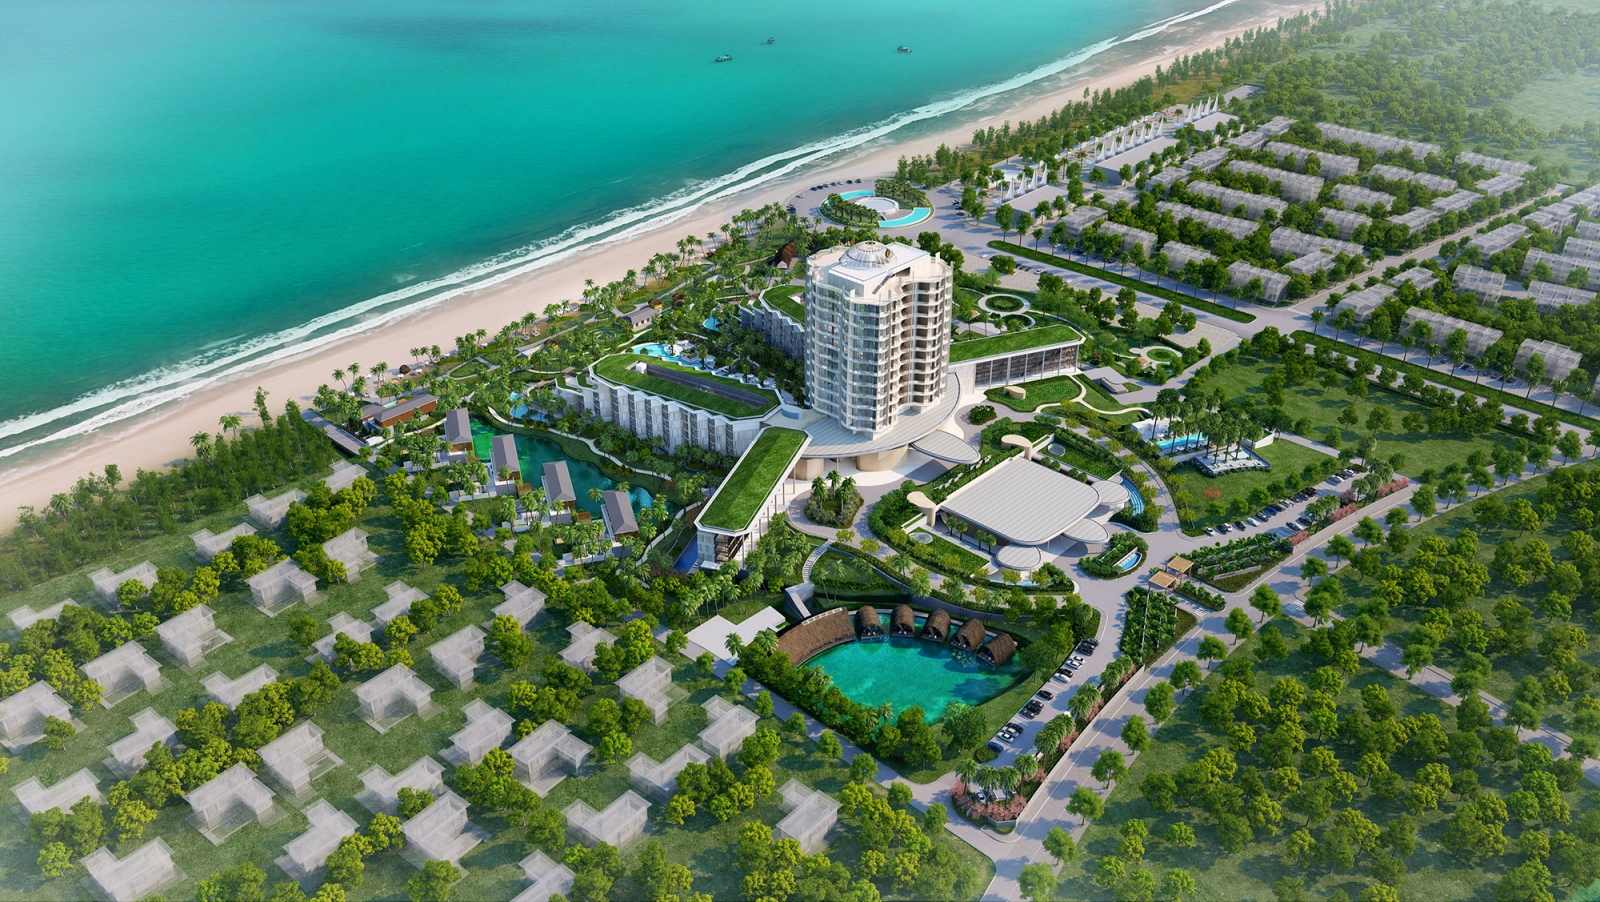 Long Beach Resort Phú Quốc được đánh giá là tài sản đầu tư an toàn, có sức hấp dẫn vô cùng nổi trội